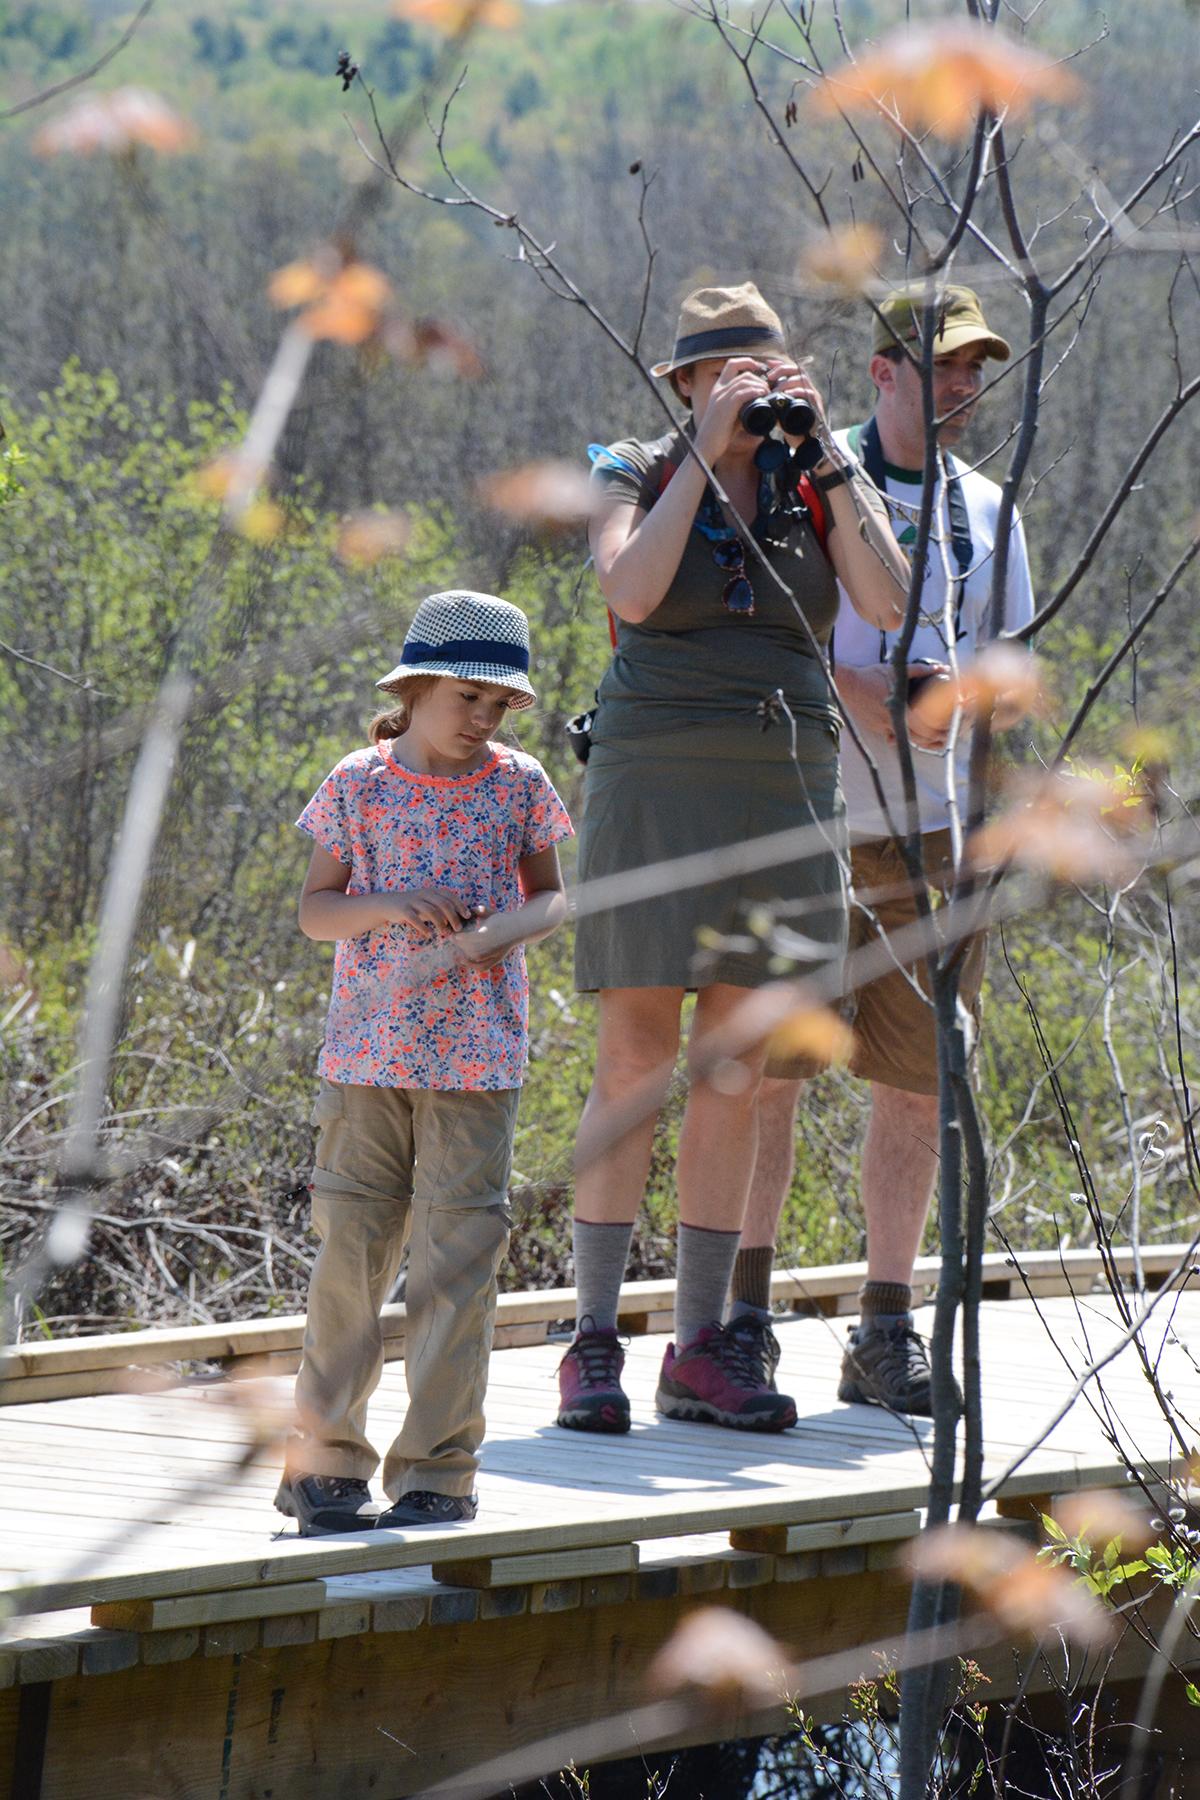 2016-05-21_naturefest-birding